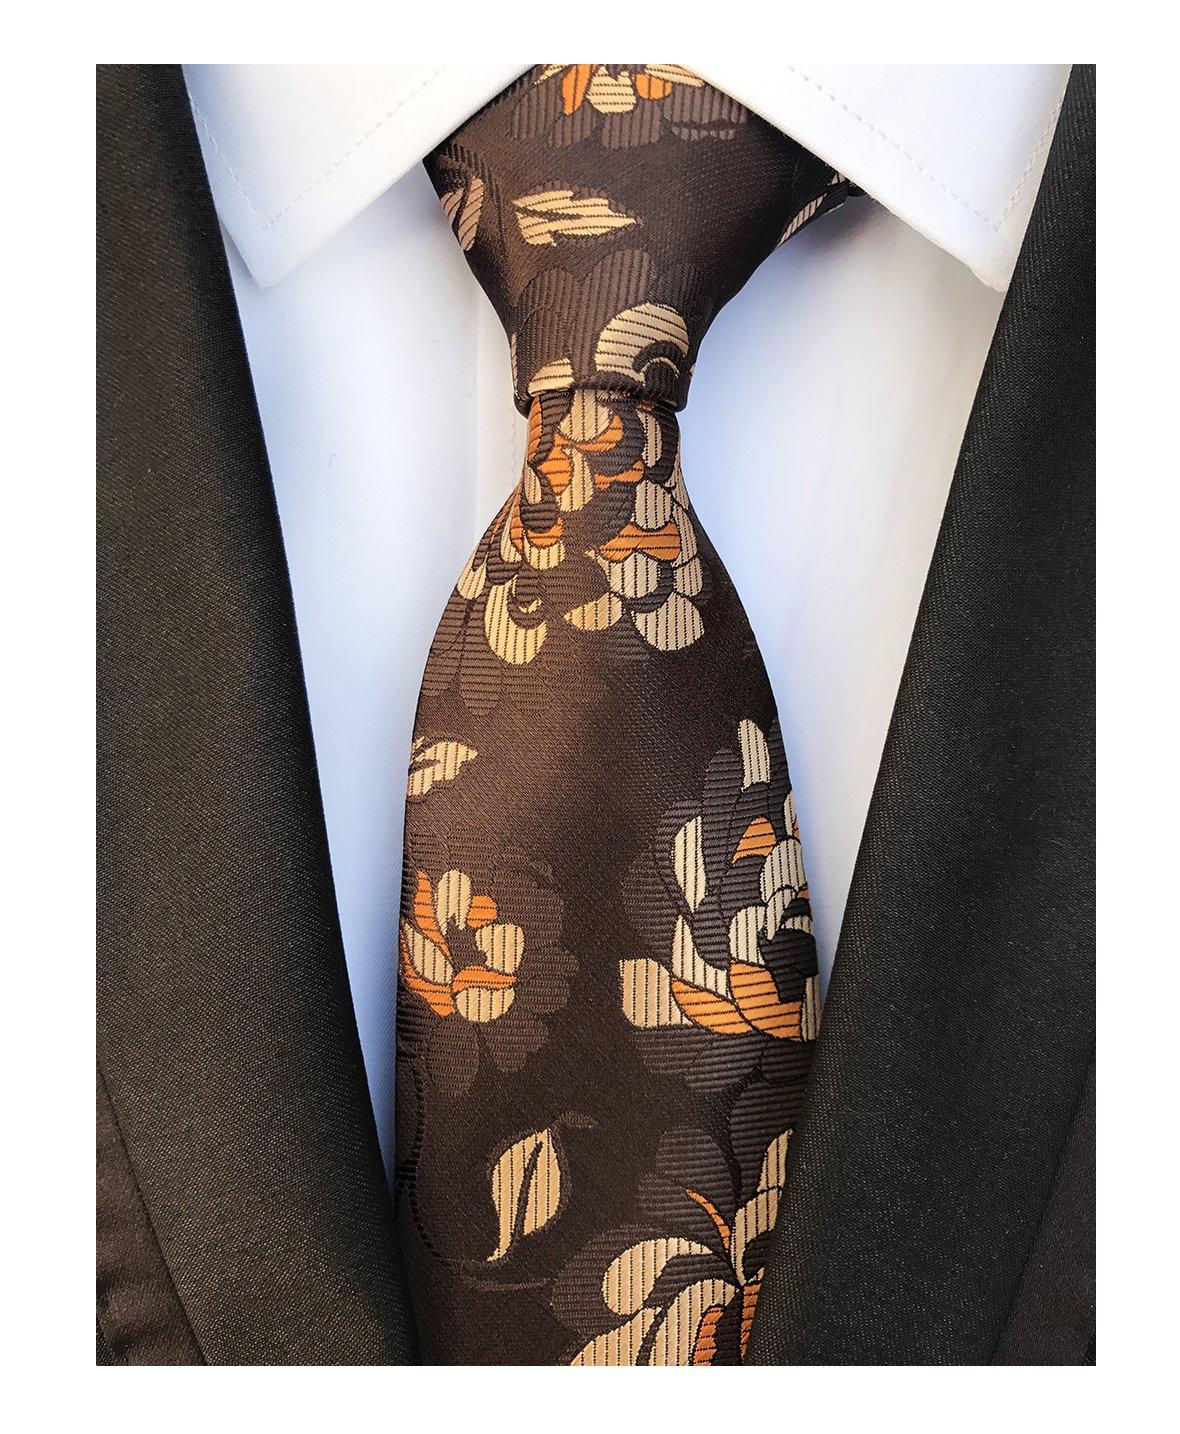 Men's Classic Brown Bronze Flowers Jacquard Woven Ties Luxury Business Neckties